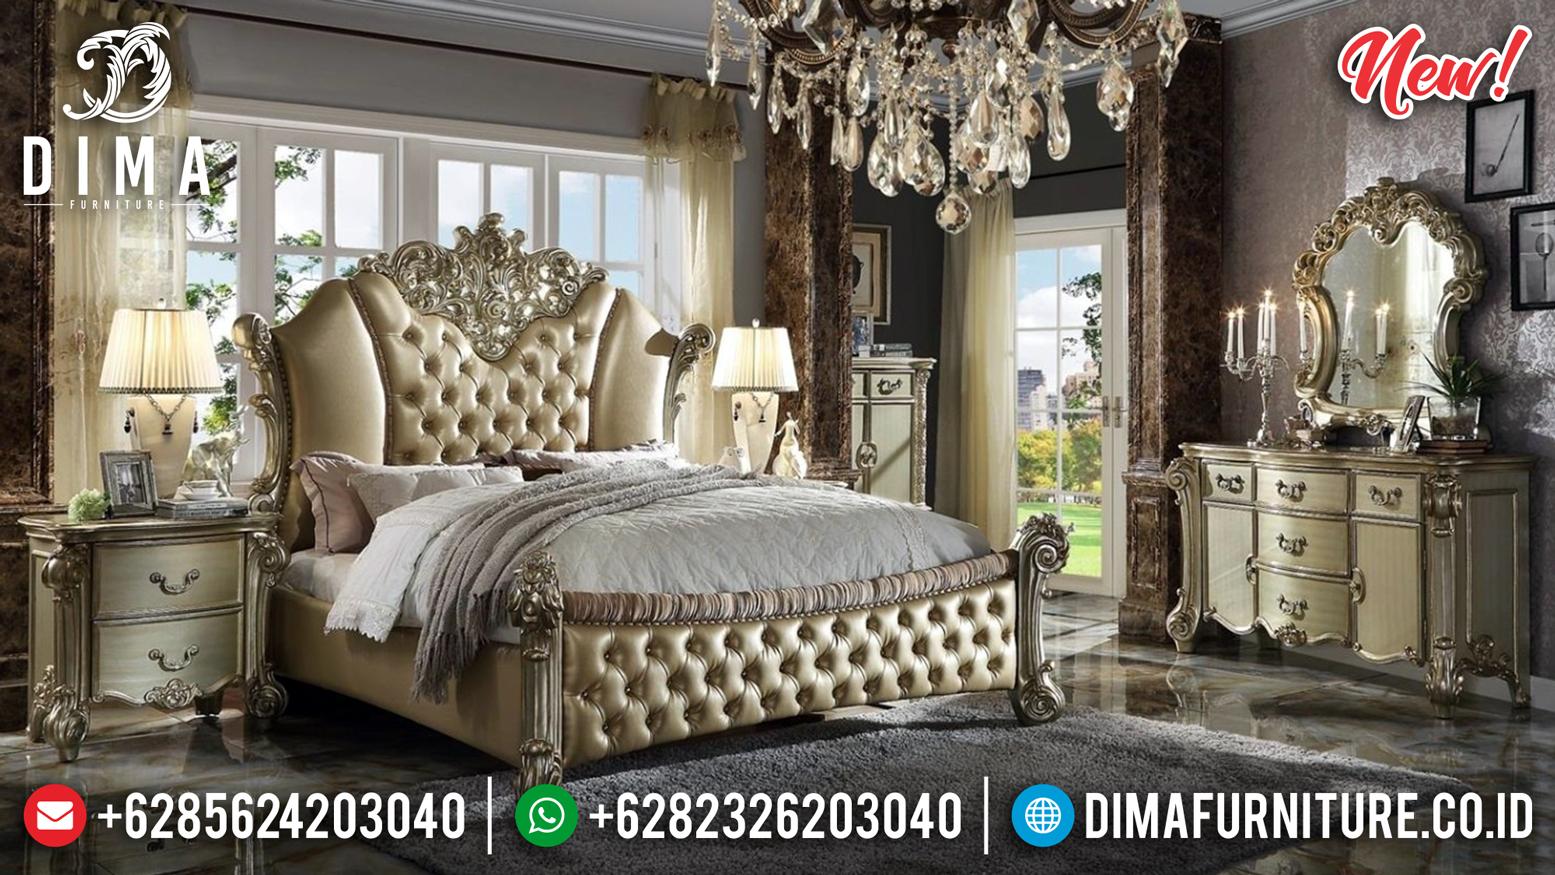 Jual 1 Set Tempat Tidur Jepara Mewah Vendom Rose Gold DF-1010